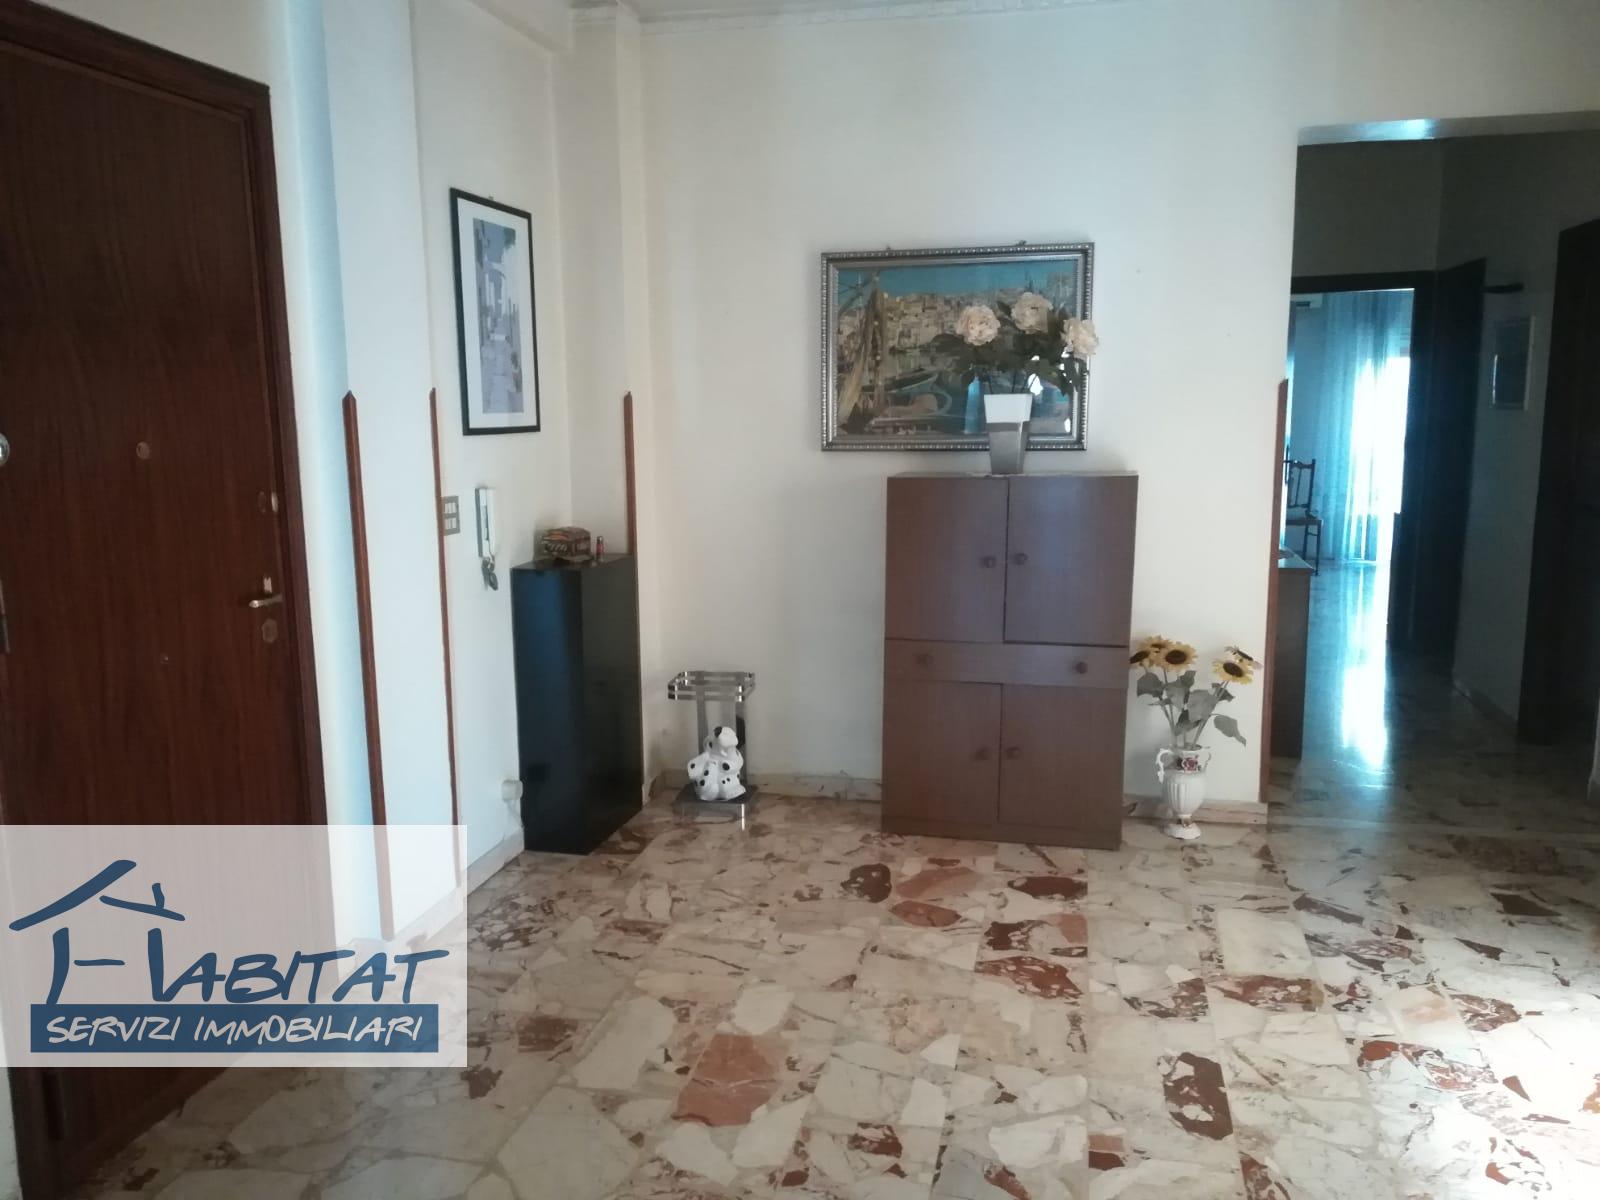 Appartamento in affitto a Agrigento, 5 locali, zona Località: Quadrivio, prezzo € 350 | CambioCasa.it